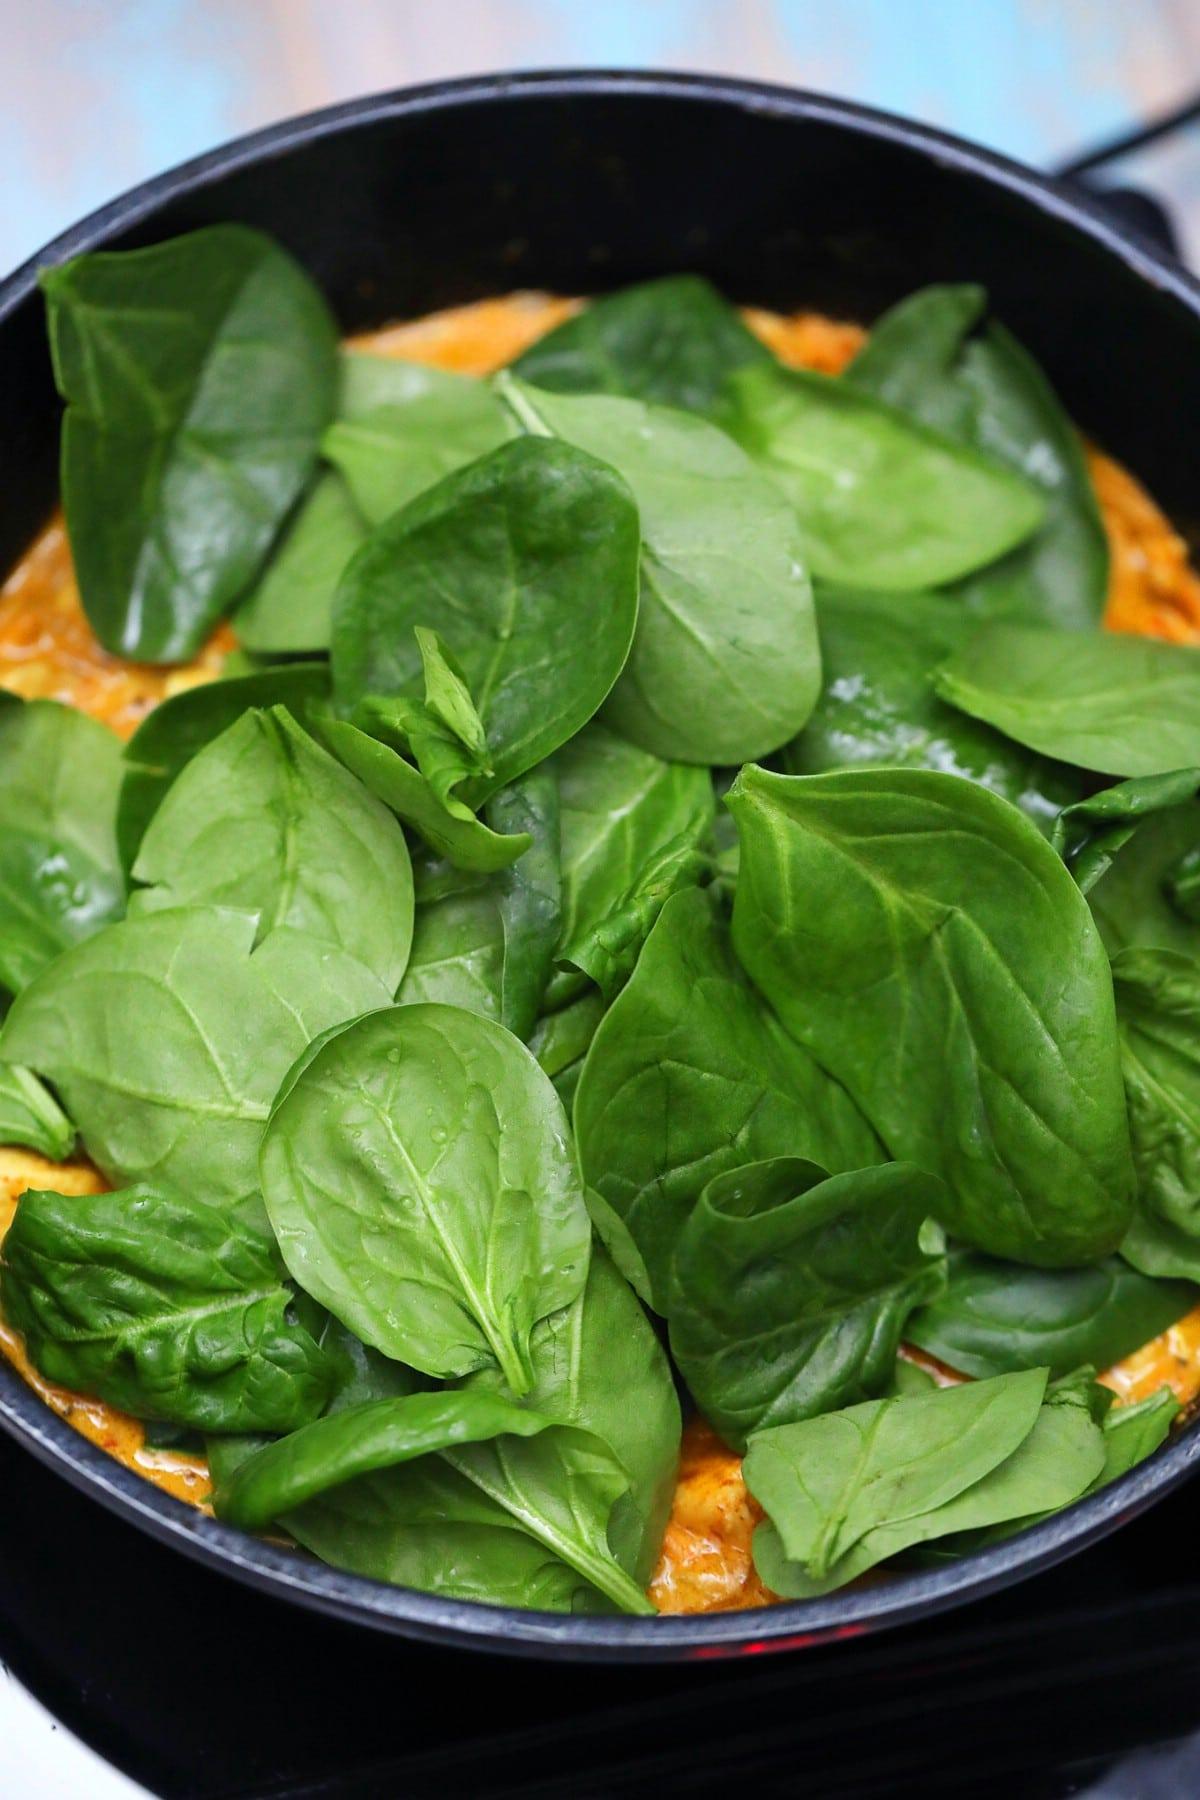 Adding spinach to chicken